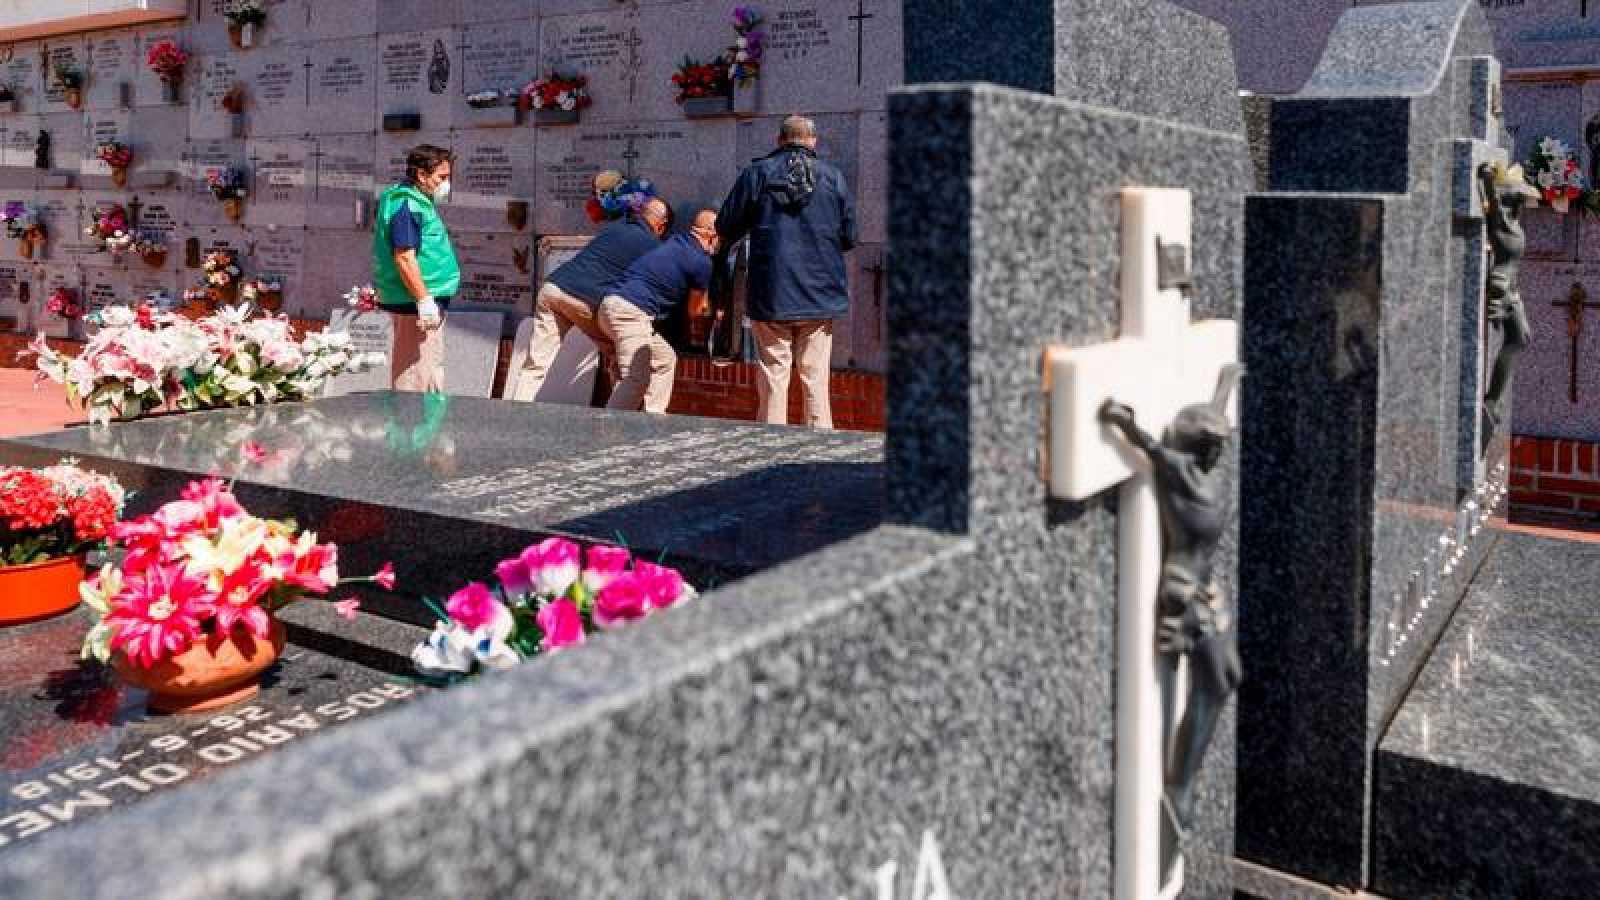 Entierro en el cementerio de Fuencarral, en Madrid, de una persona fallecida con coronvirus Covid-19